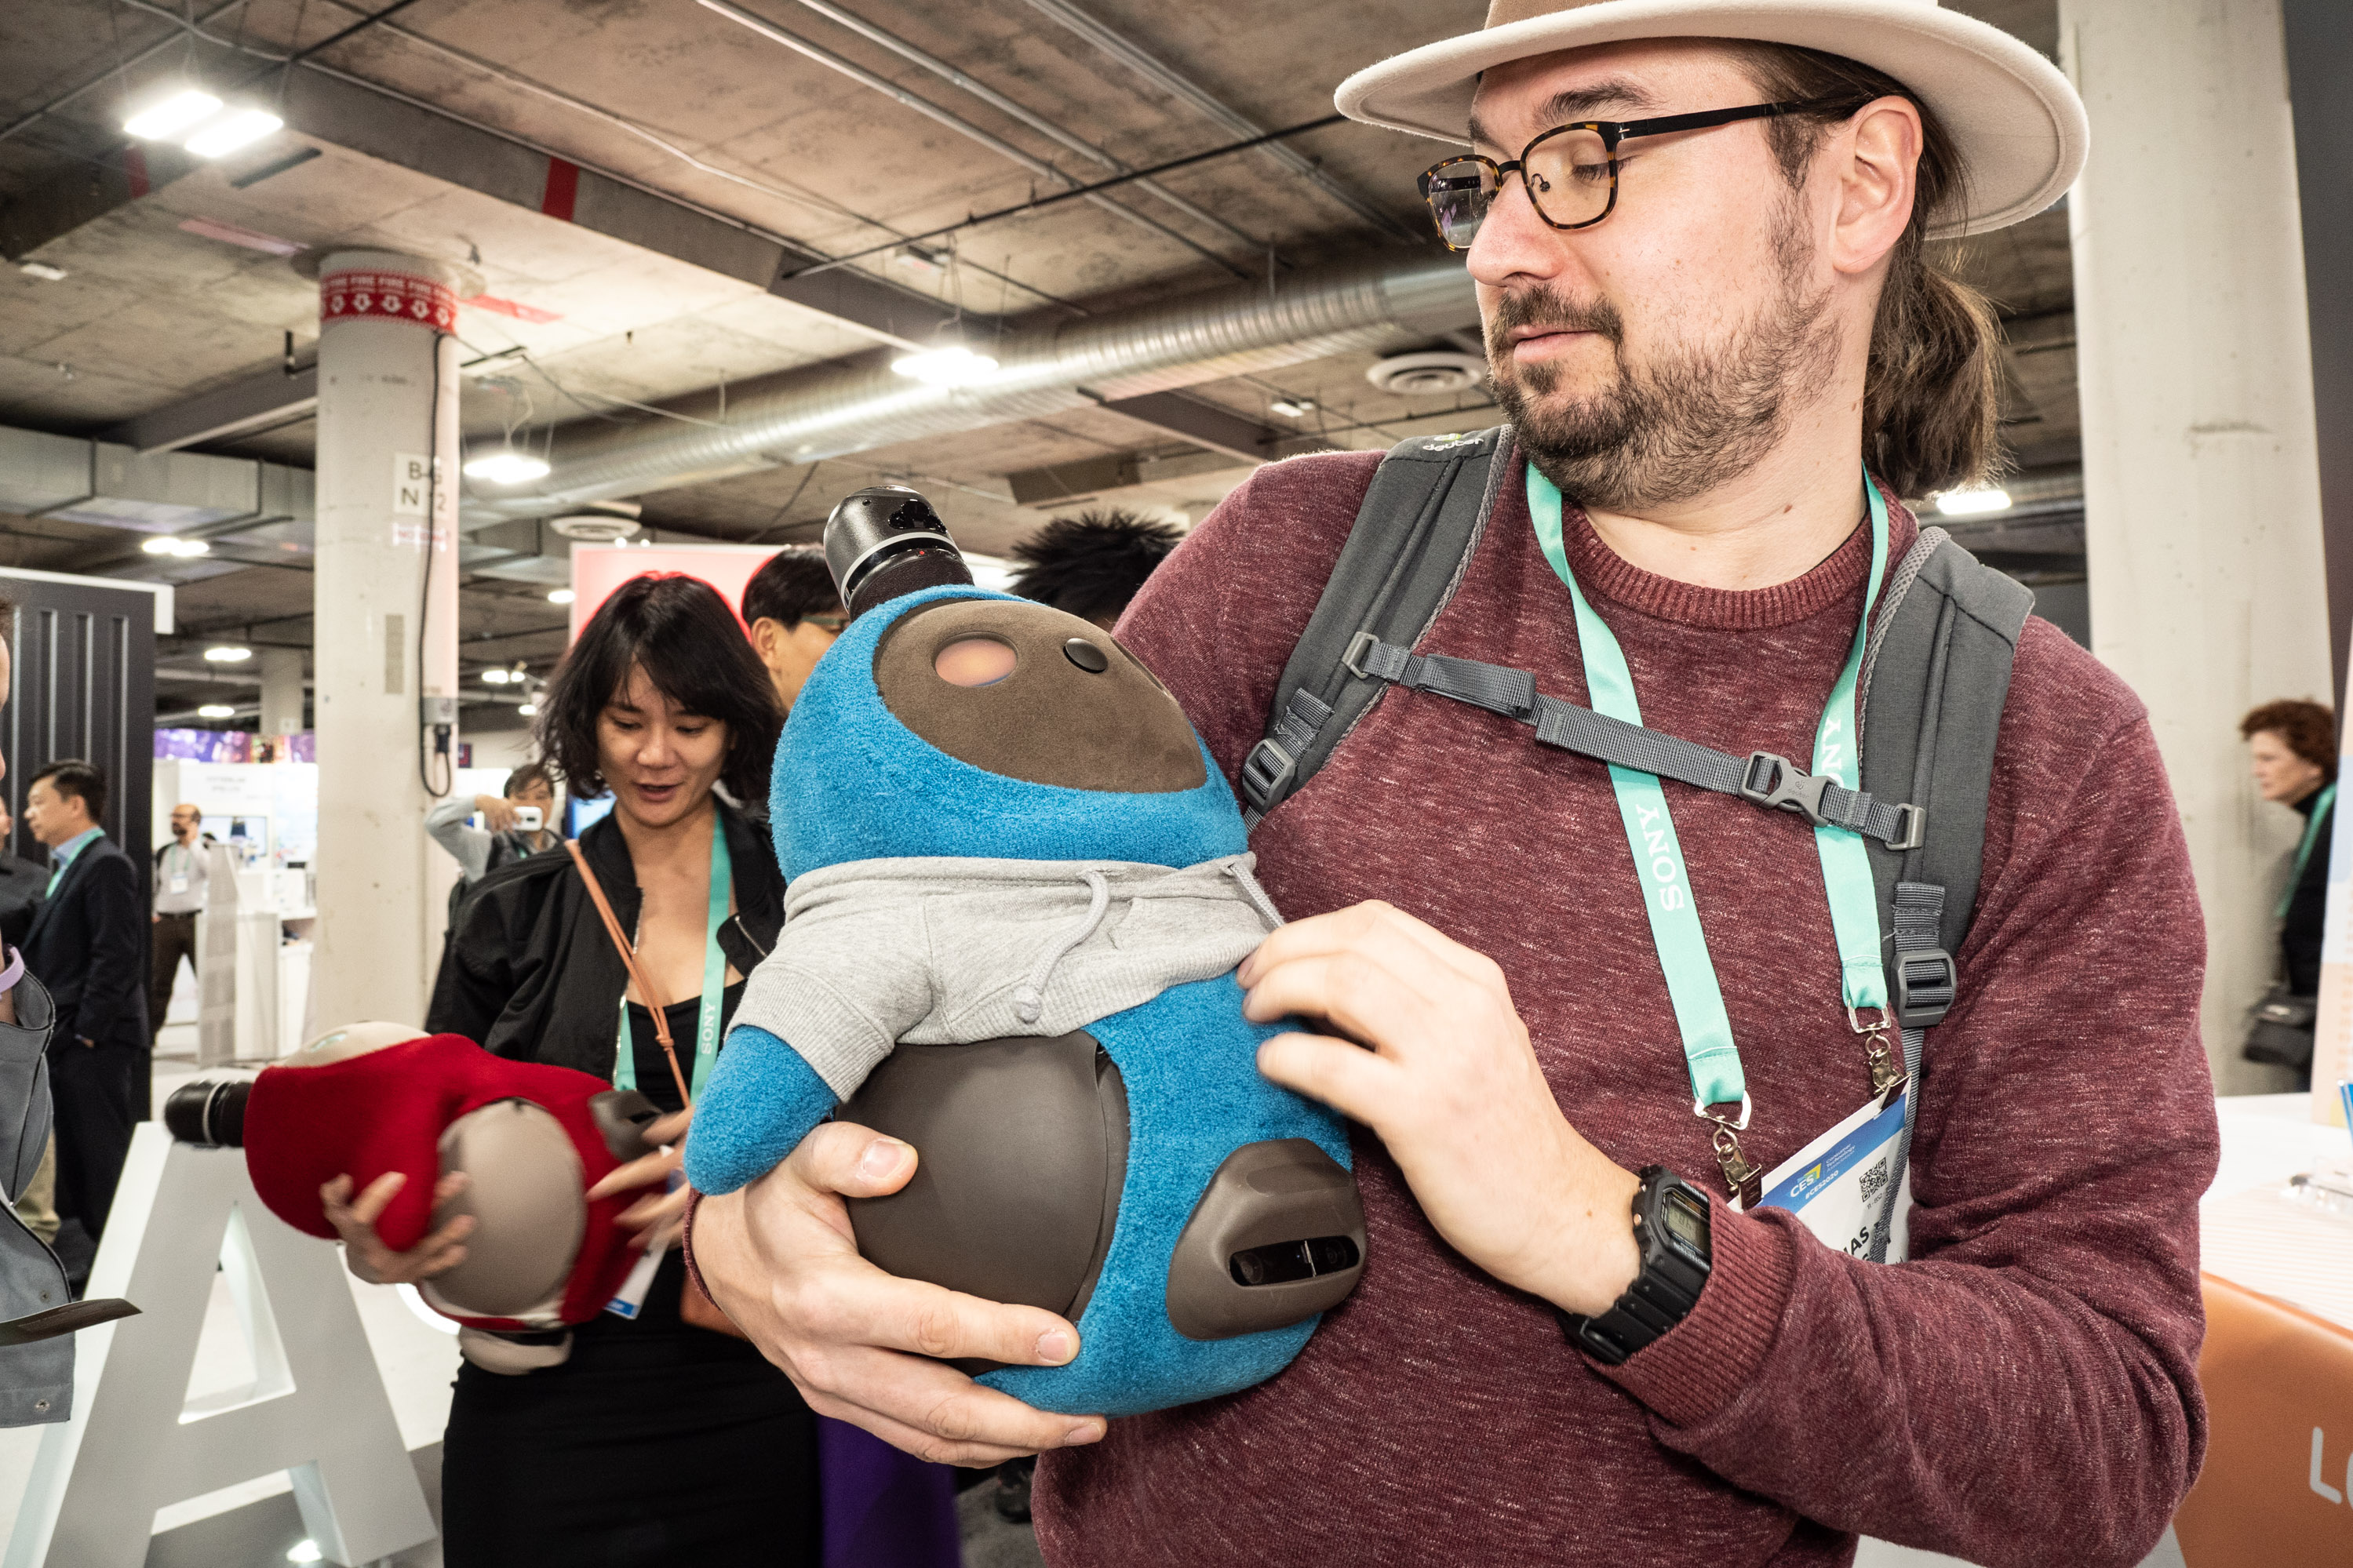 Lovot im Hands-on: Knuddeliger geht ein Roboter kaum - Pssscht, der kleine ist gerade eingeschlafen! (Bild: Martin Wolf/Golem.de)